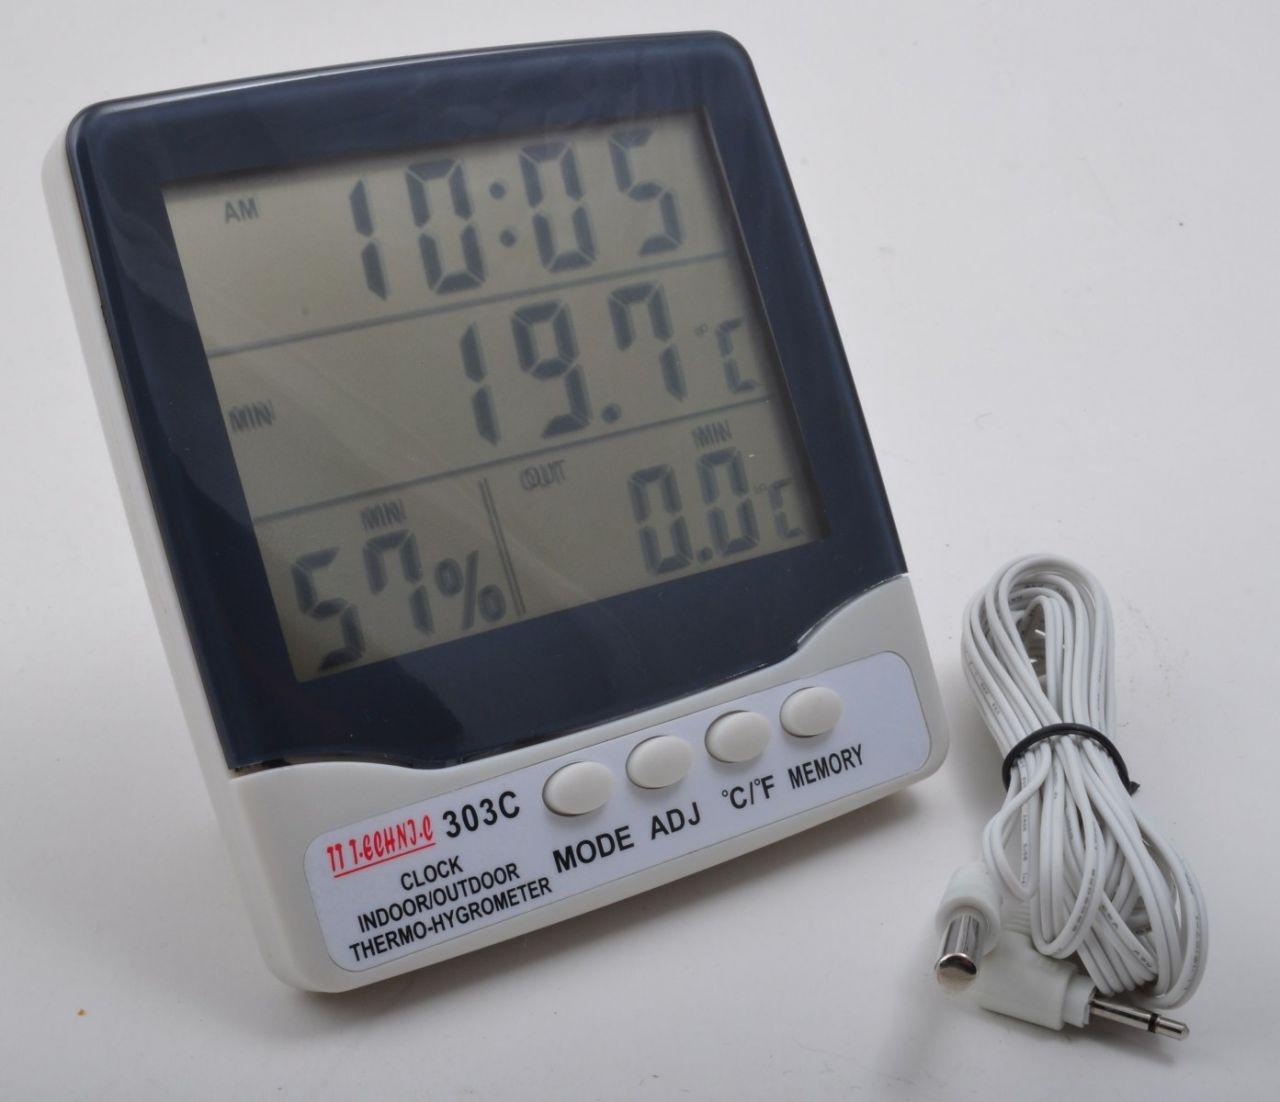 TT Technic 303C Sýcaklýk Nem Ölçer Termometre ( TT Technic 303C Sýcaklýk Nem Ölçer Termometre )